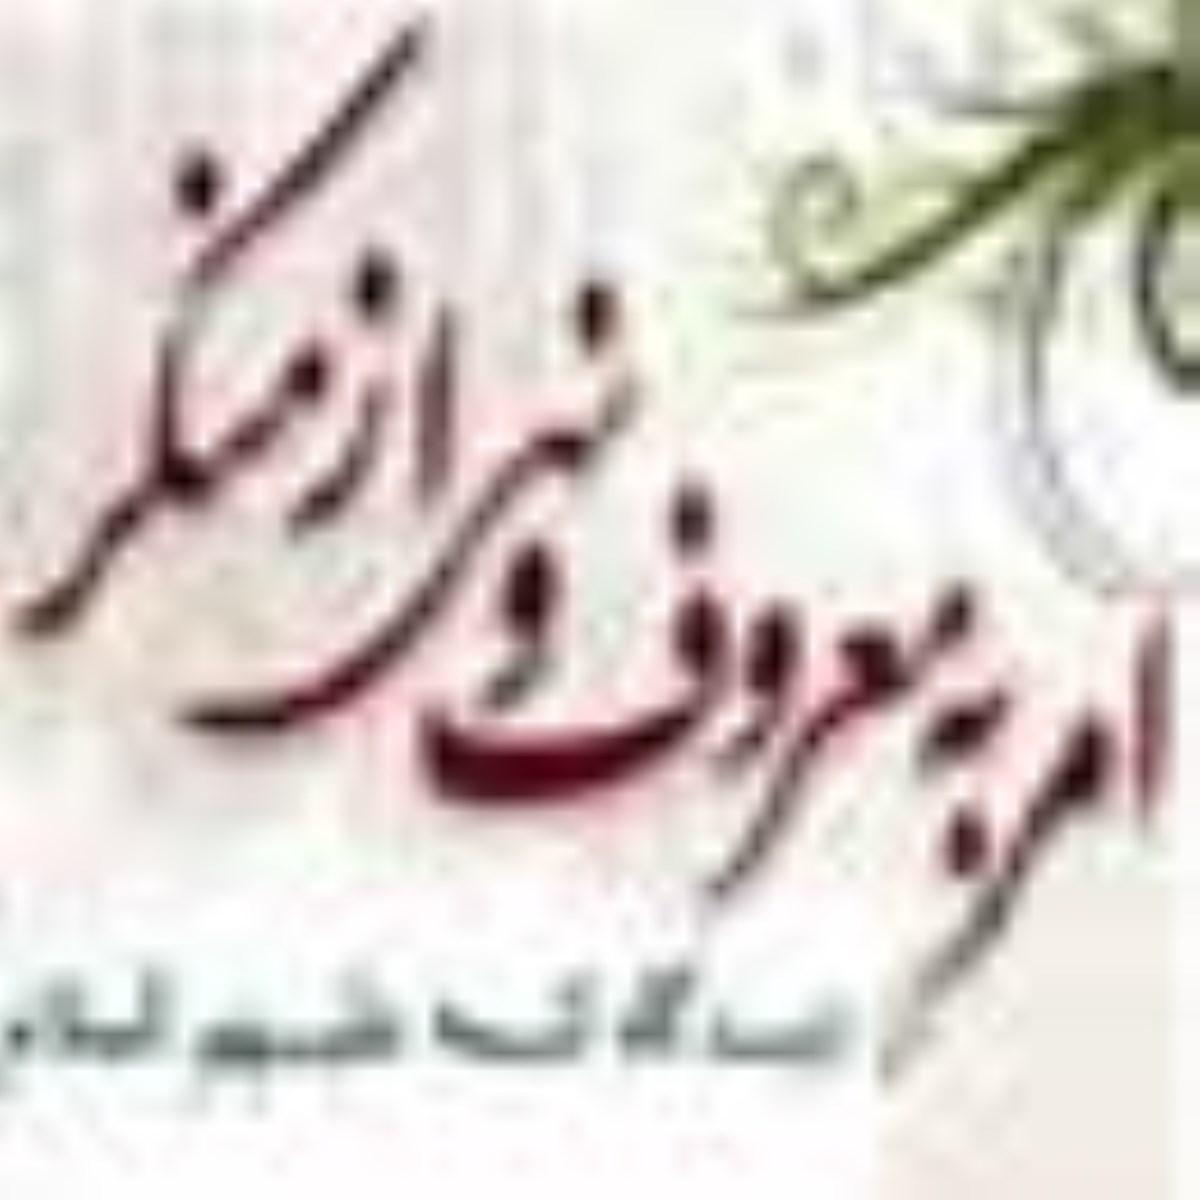 امر به معروف و نهي از منكر از ديدگاه ائمه عليهم السلام